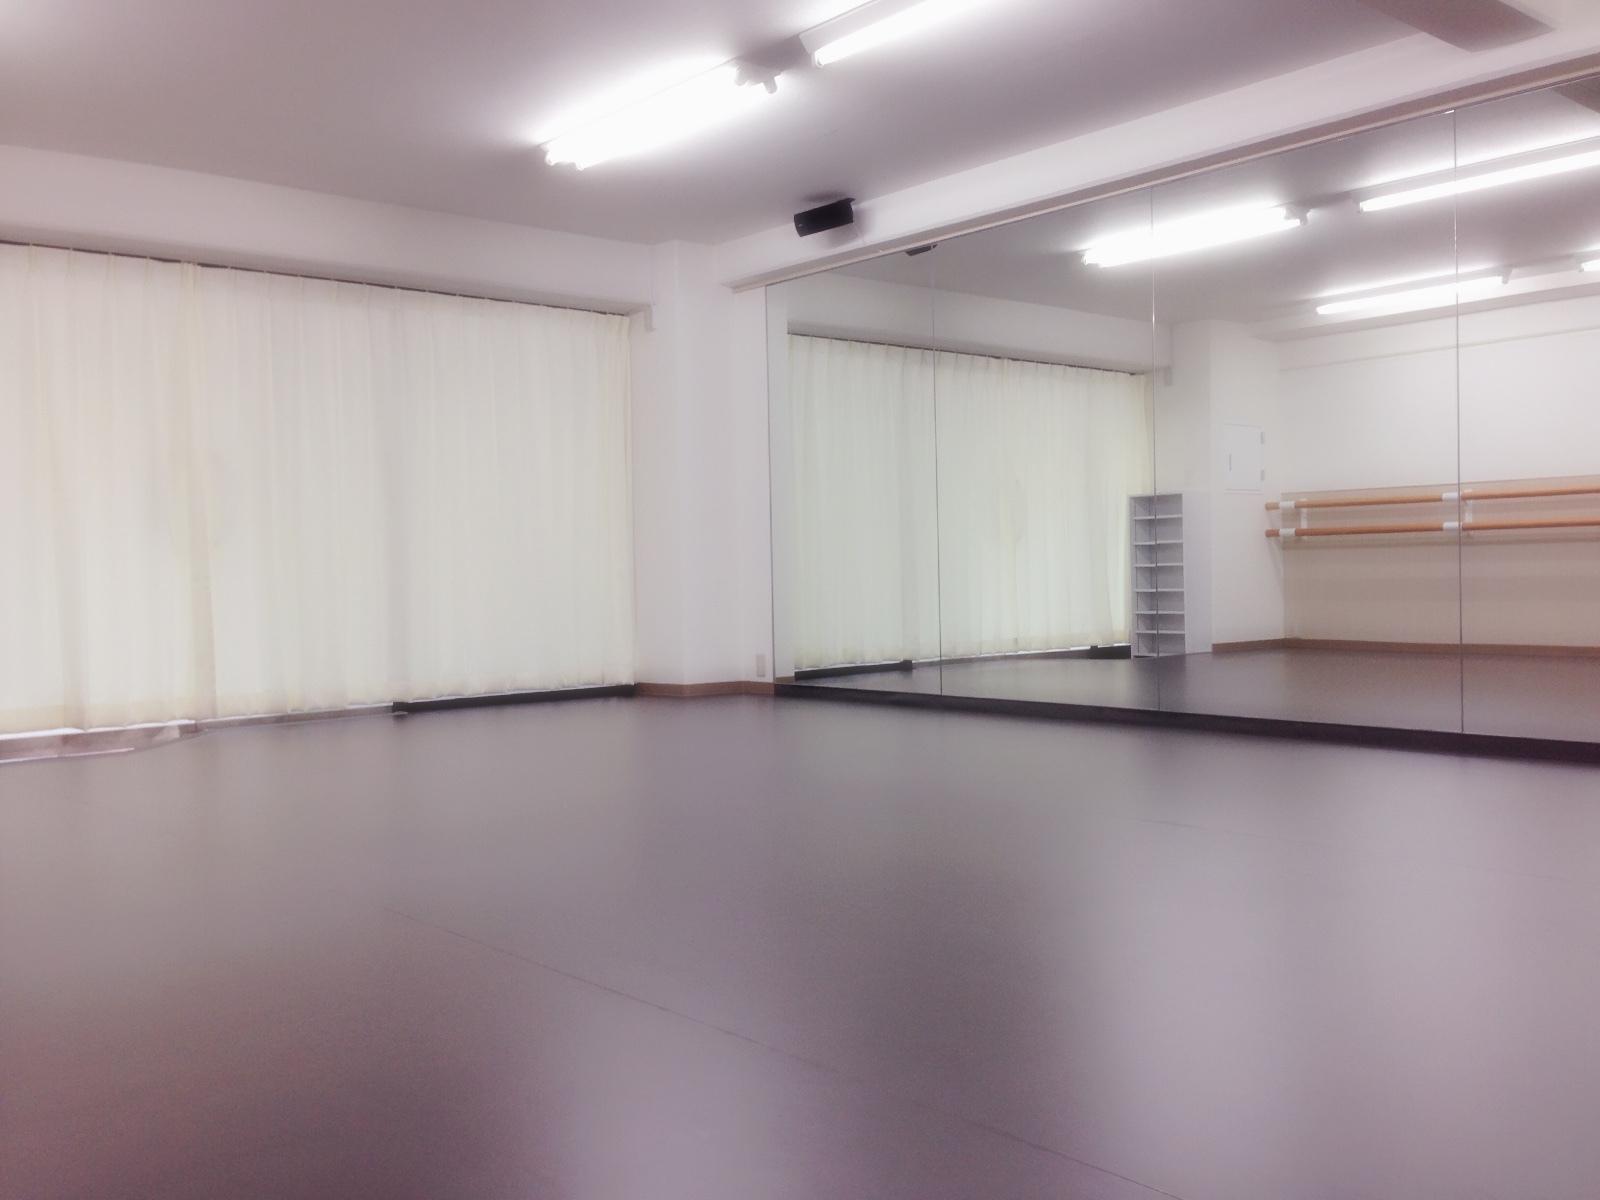 【初心者向け】バレエを楽しく学ぶための導入講座